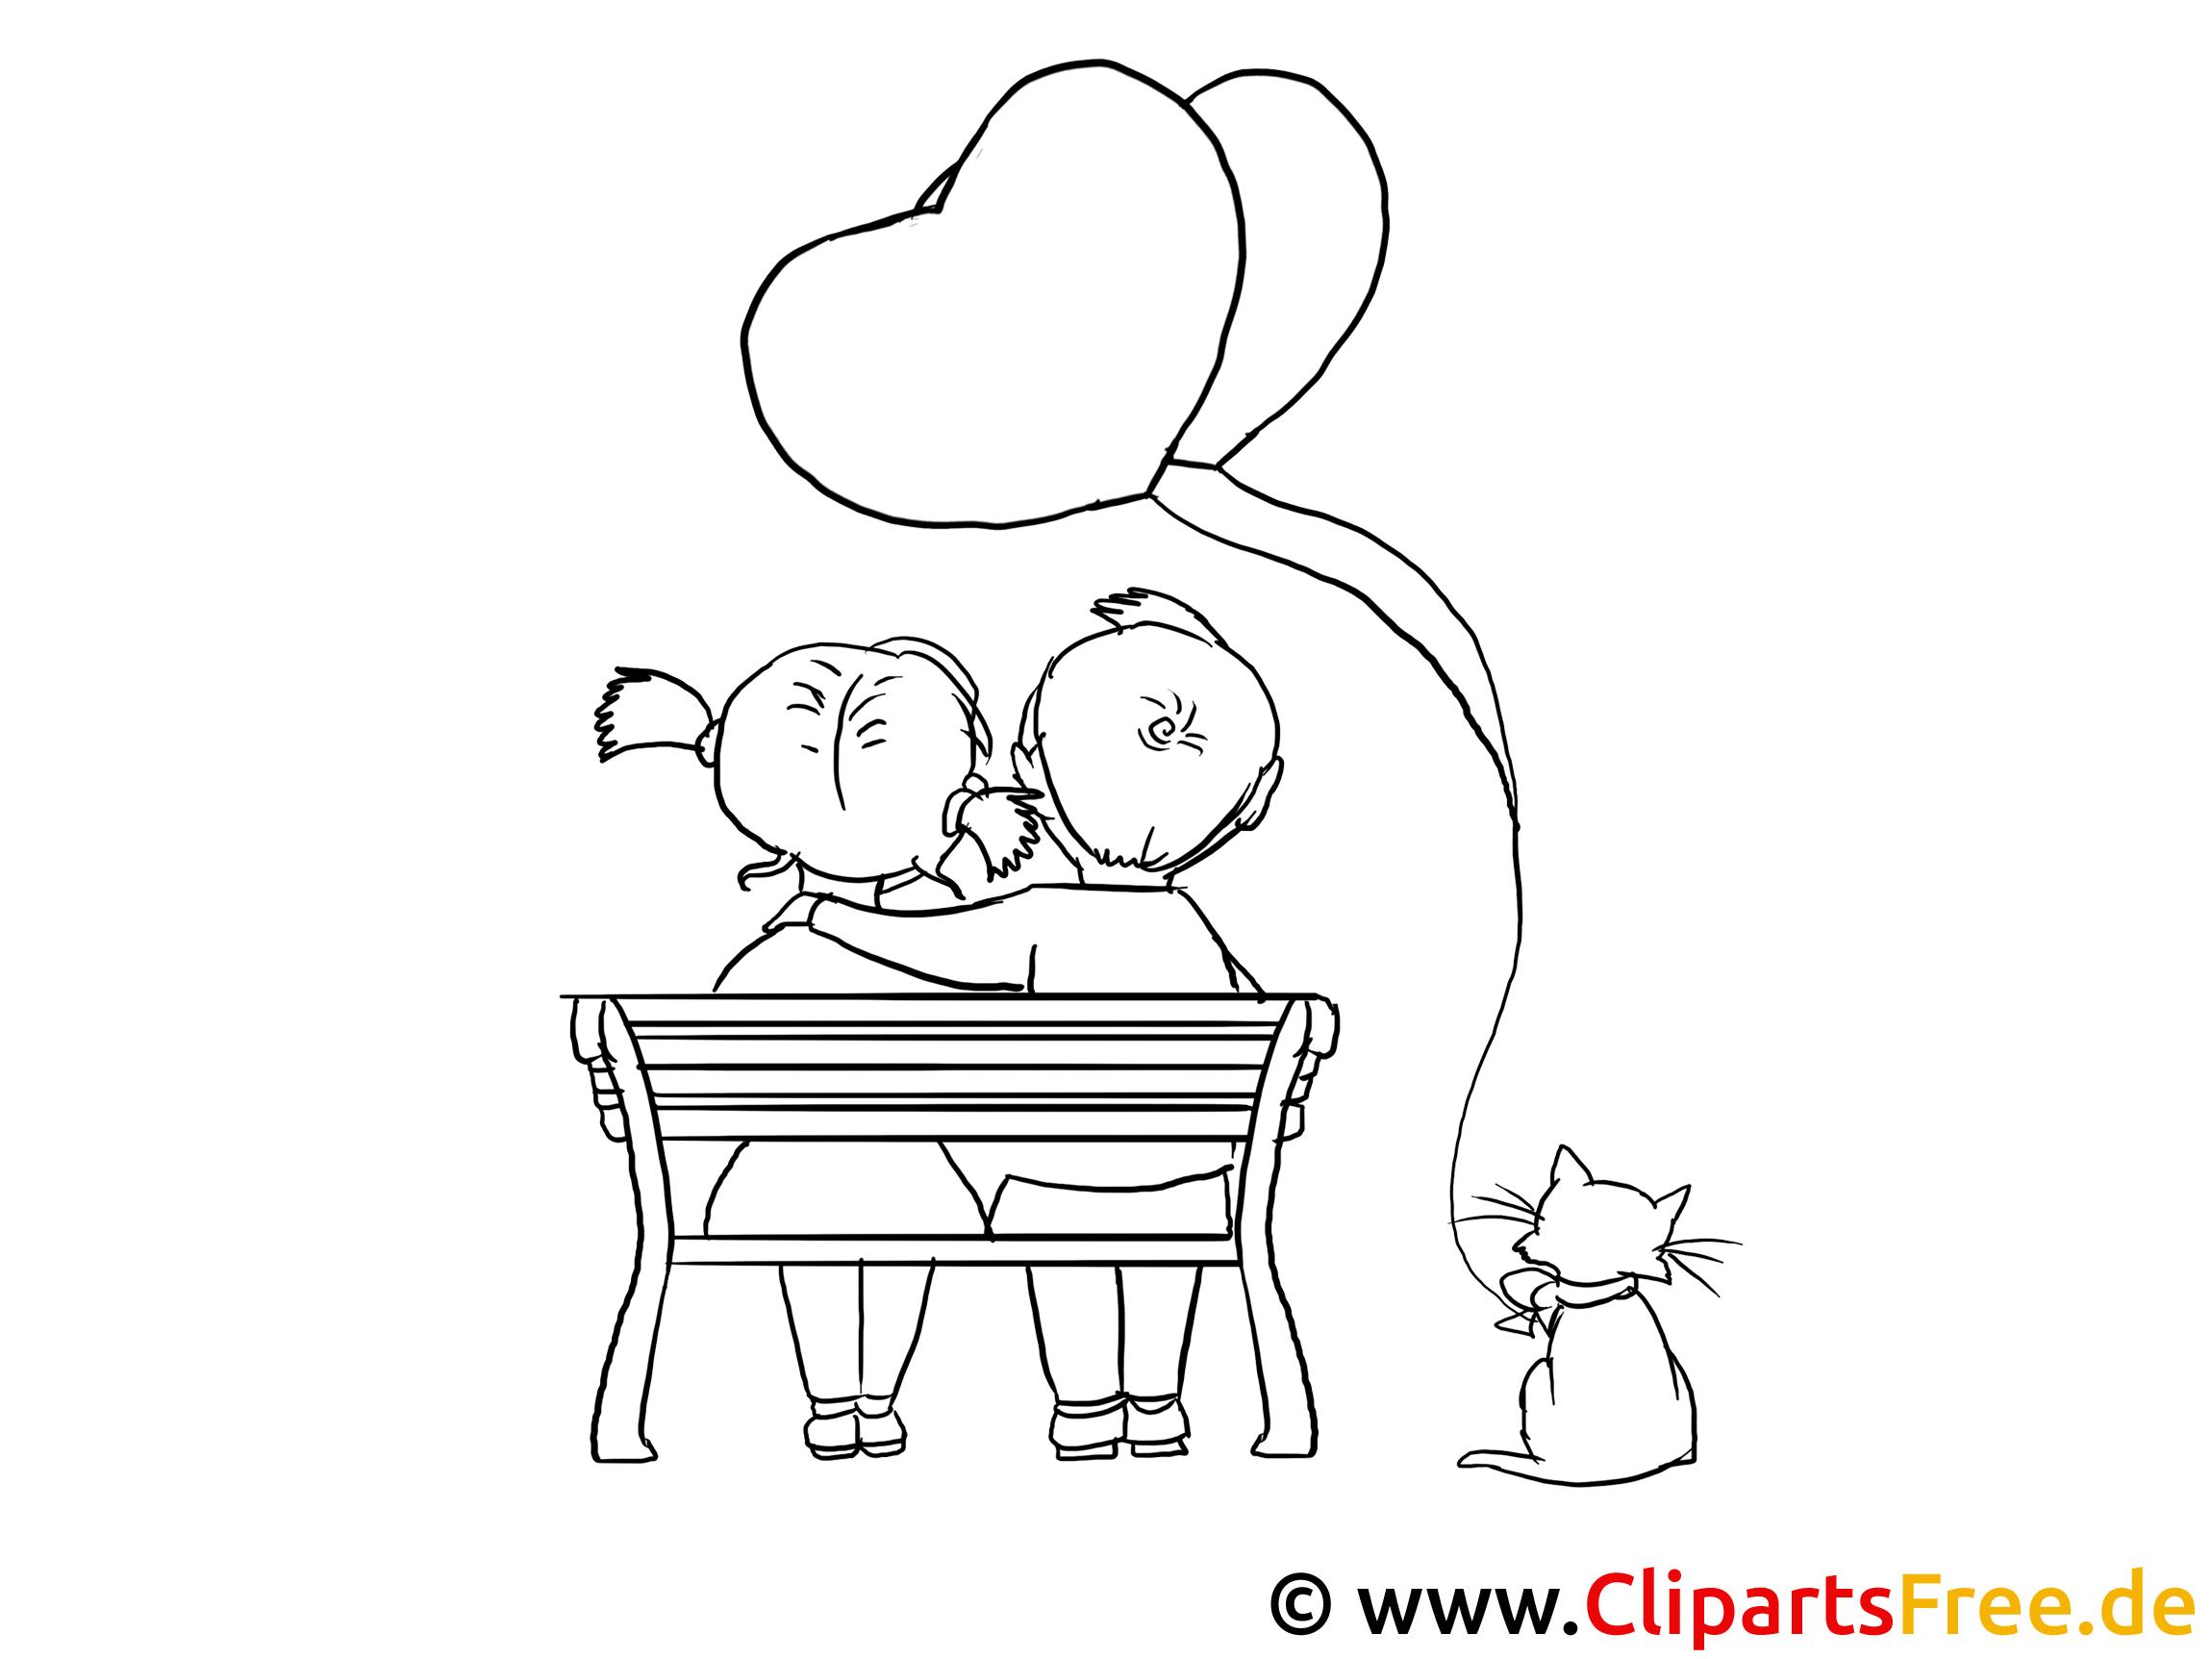 auf der bank valentinstag ausmalbilder für kinder